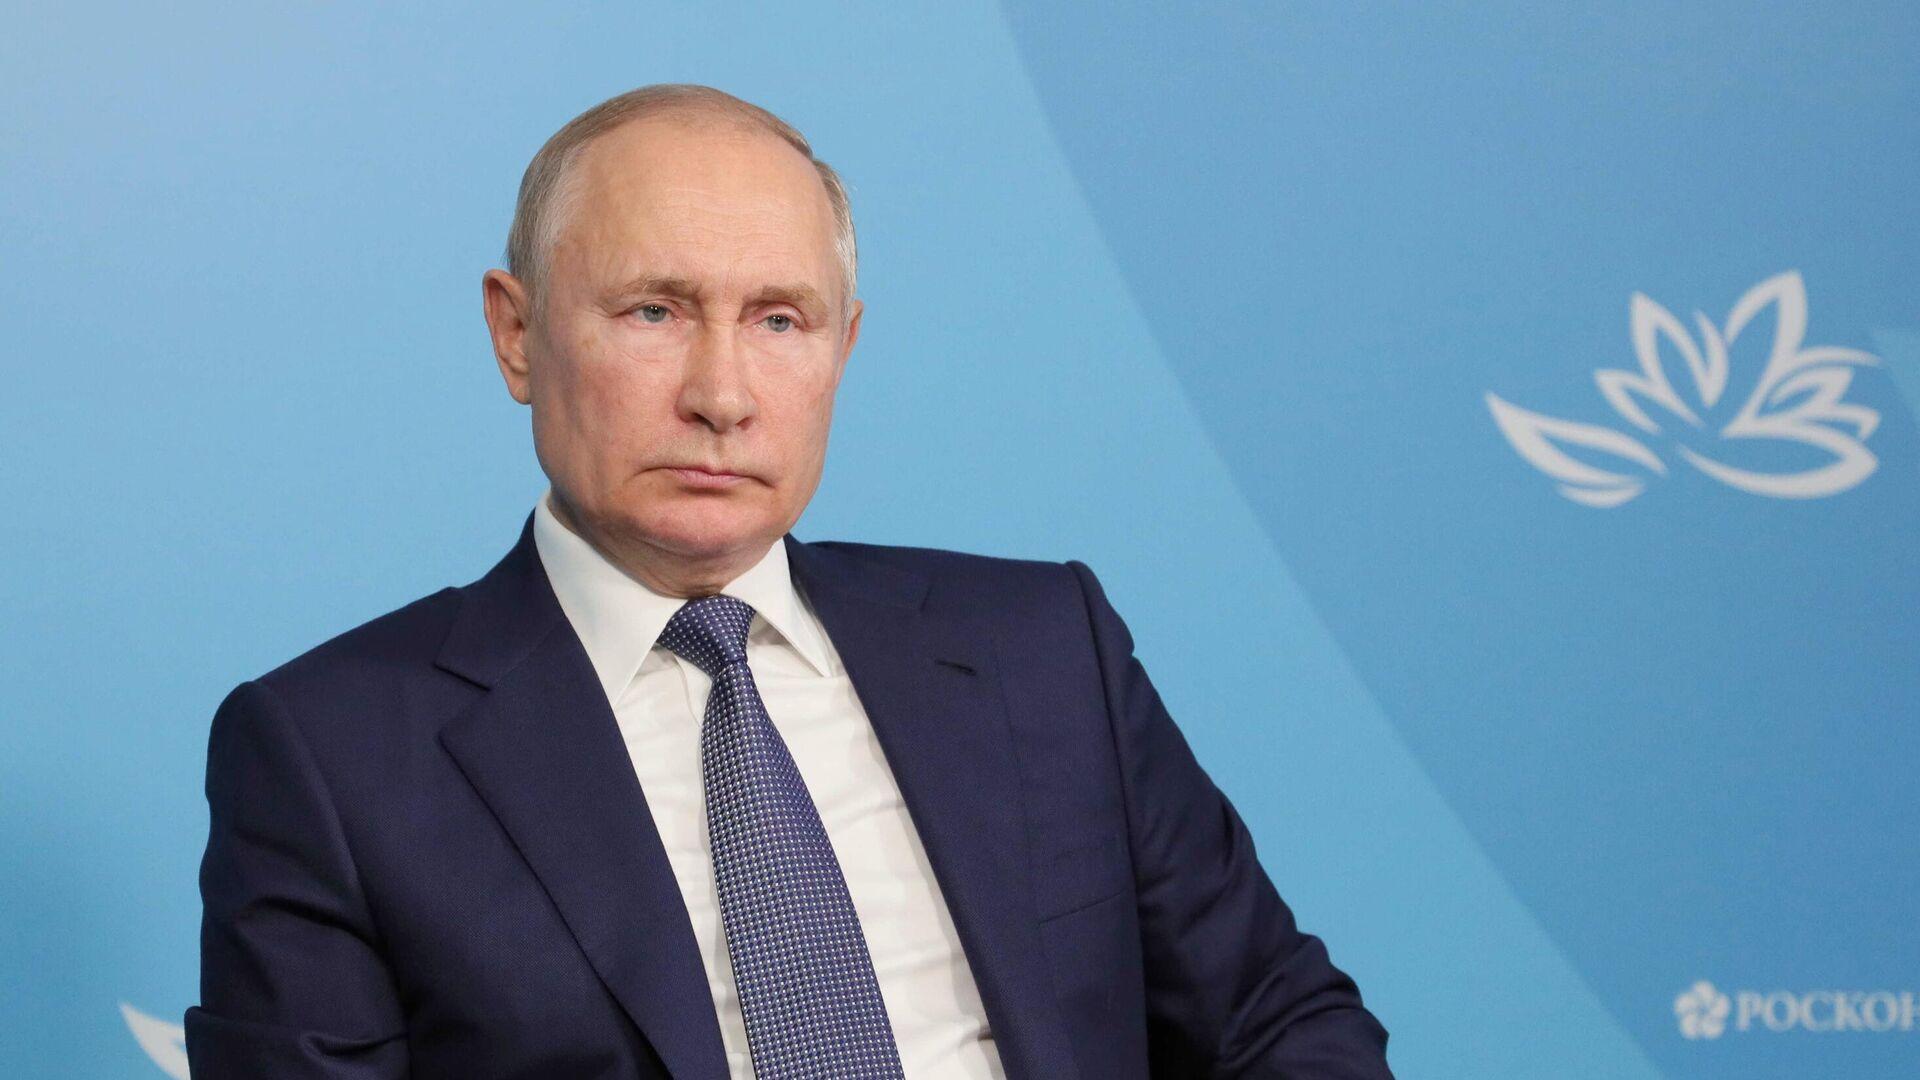 Россия не допустит перекоса в балансе сил между Россий и США, заявил Лавров